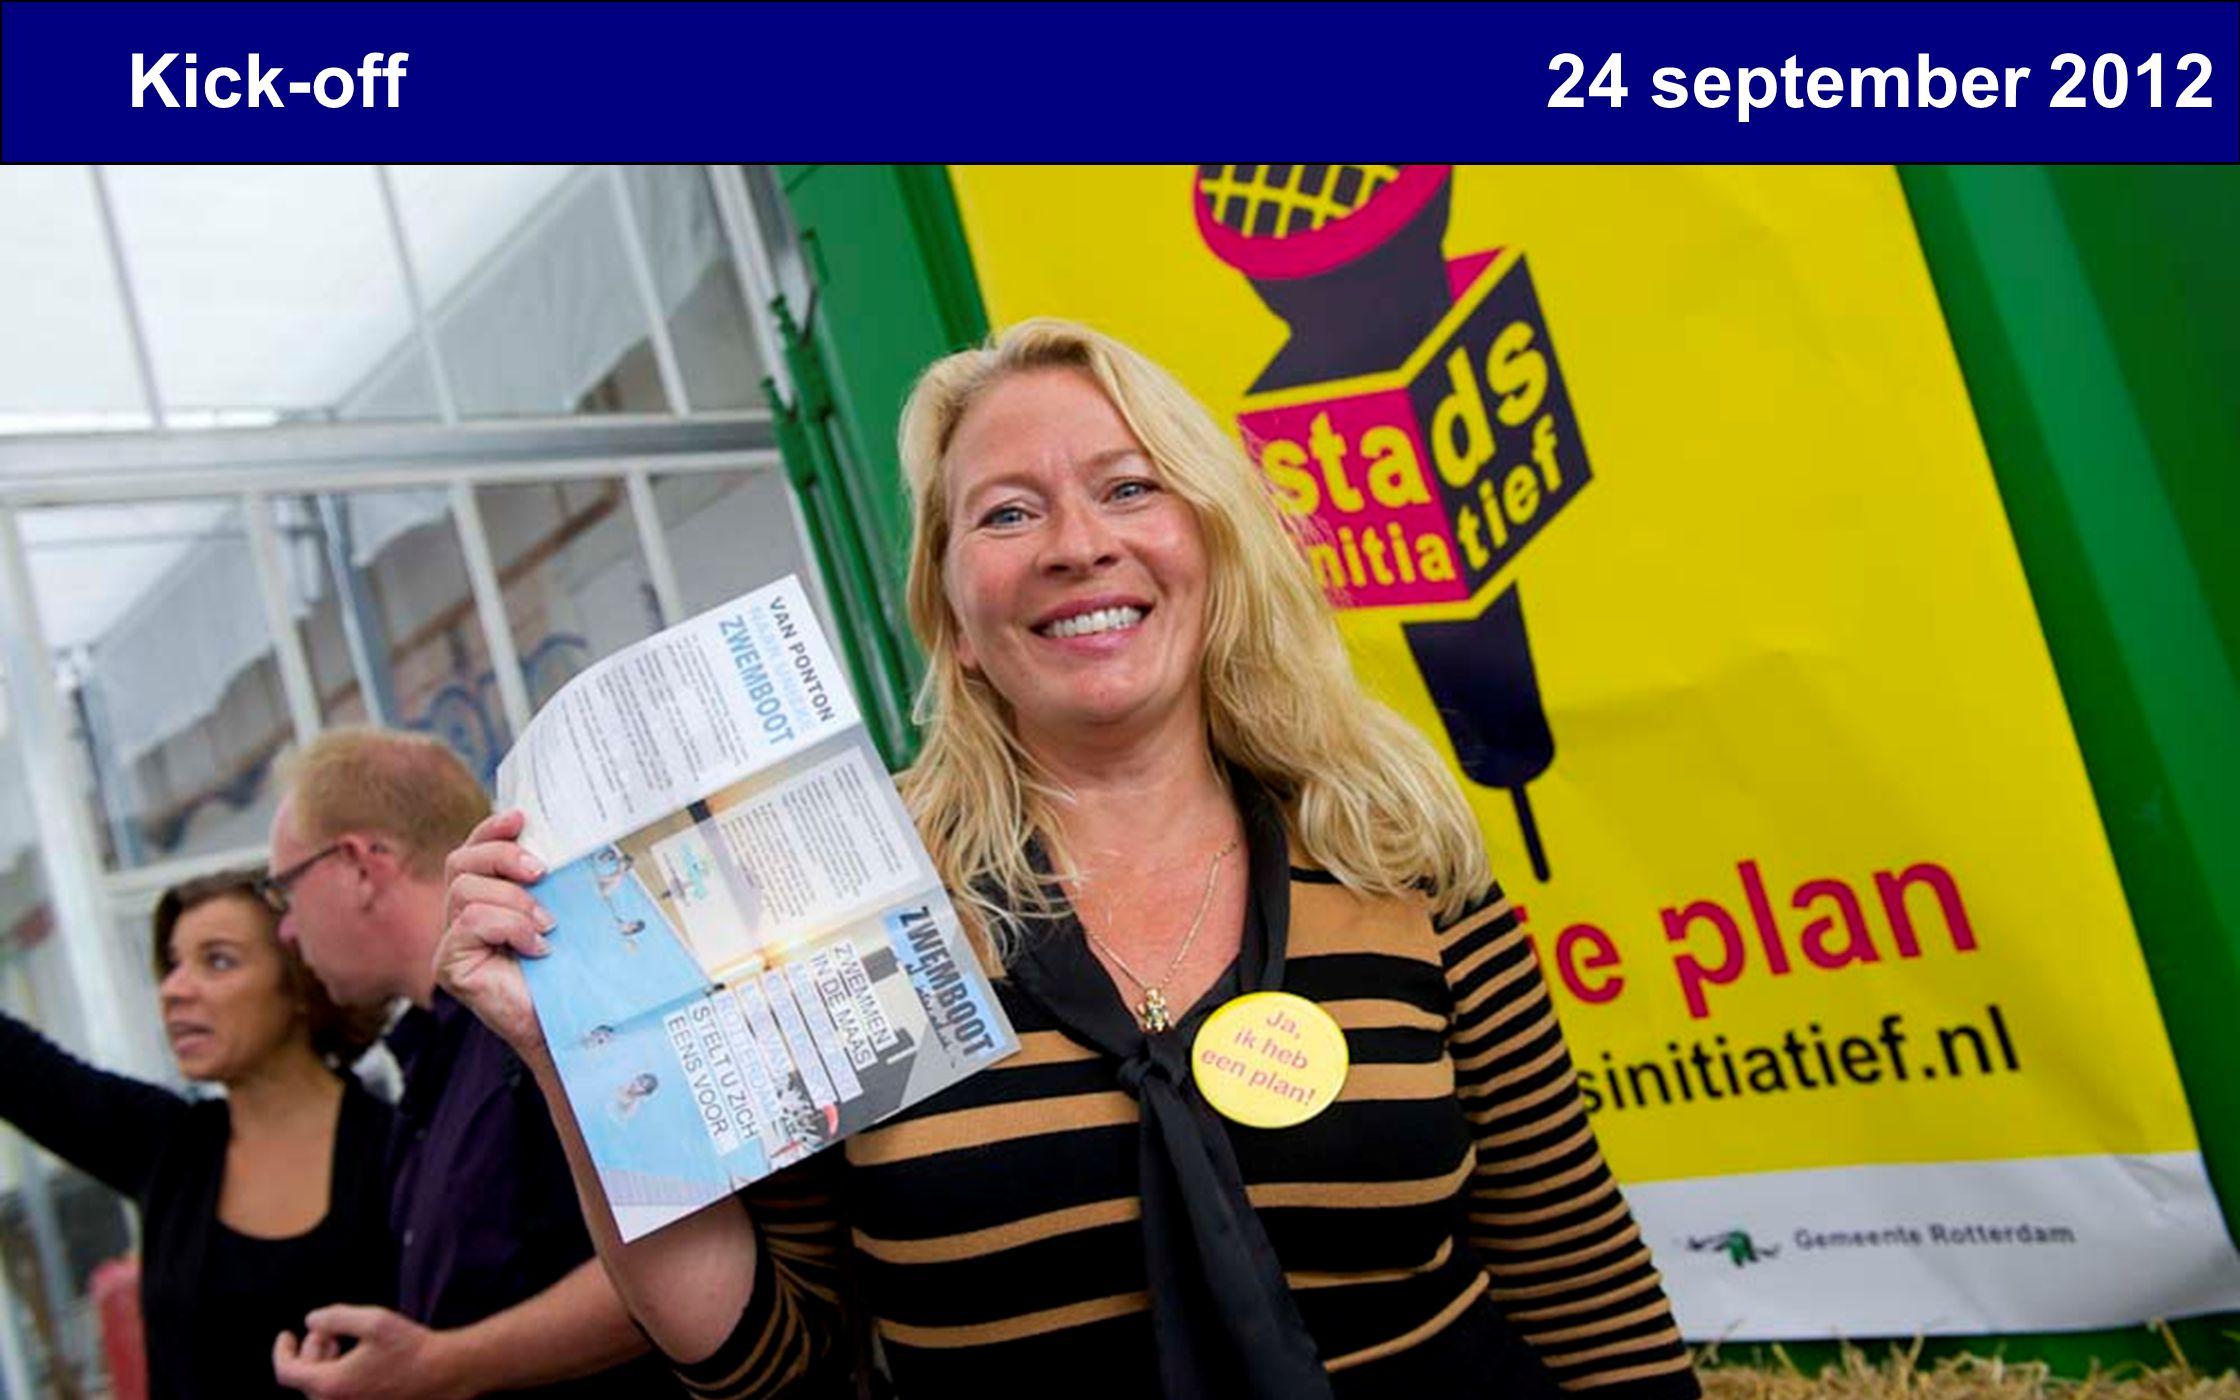 Boardleden Stef Fleischeuer RVOB Ai Ming Oei Music Matters Henk de Bruijn Rotterdamse Havenbedrijf Rudy Stroink TCN Dick van Well Dura Vermeer Marianne van den Anker Voorzitter Board Stadsinitiatief Board jureert